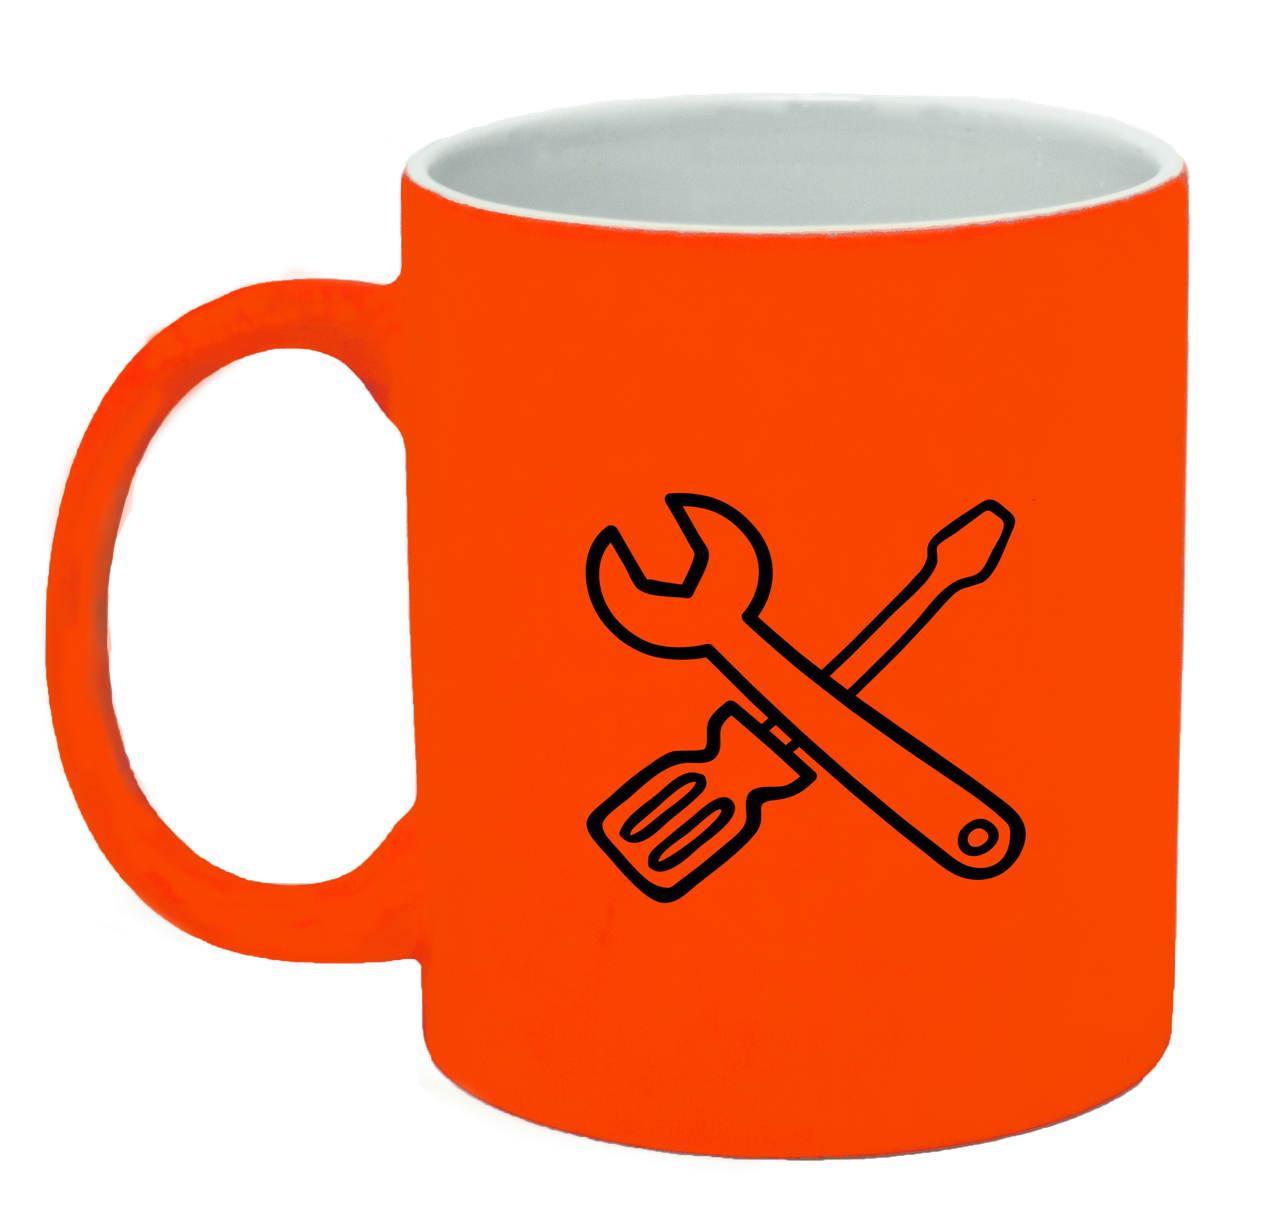 Неоновая матовая чашка Ремонт, ярко-оранжевая